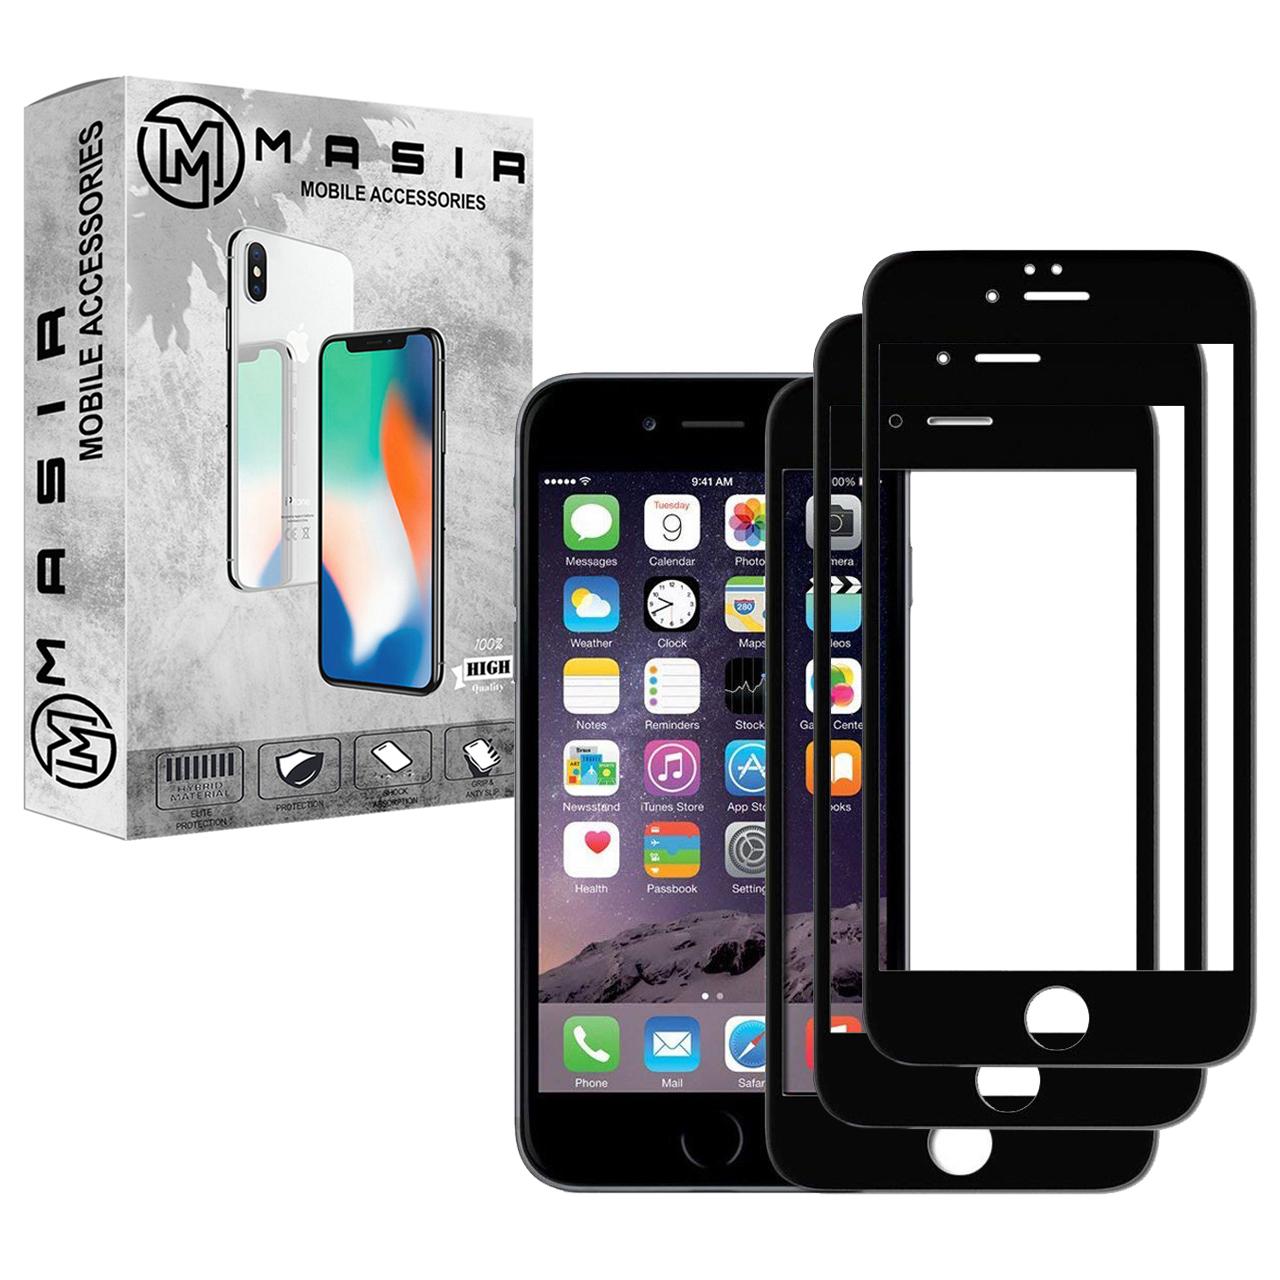 محافظ صفحه نمایش مسیر مدل MGF-3 مناسب برای گوشی موبایل اپل iPhone 6/6S  بسته سه عددی